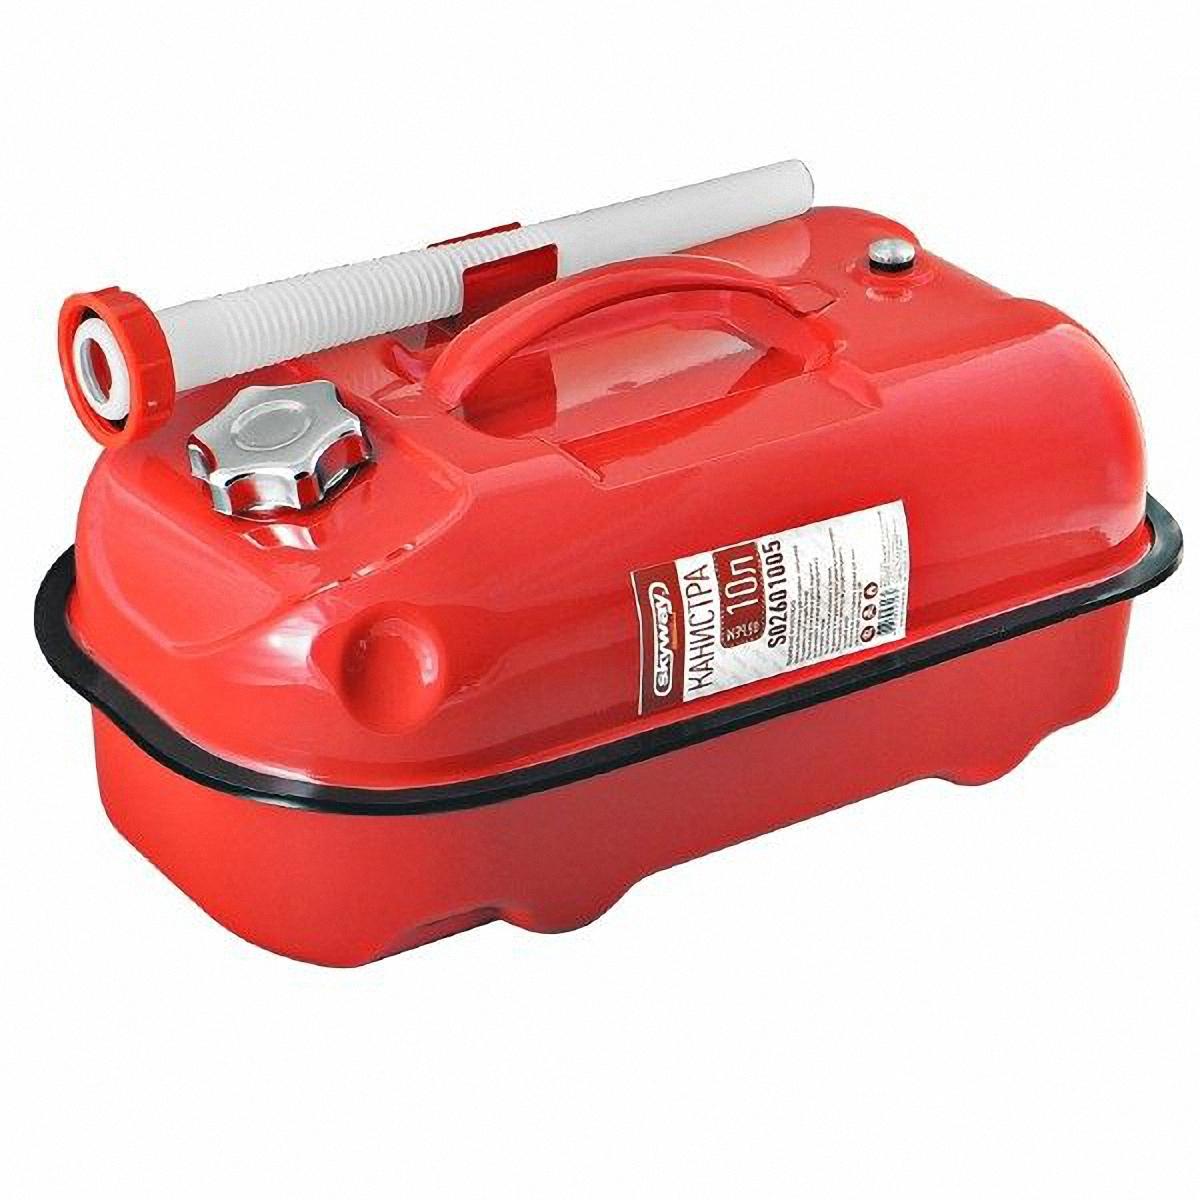 Канистра Skyway, цвет: красный, 10 лS02601005Металлическая канистра предназначена для хранения жидкостей, в том числе топлива и топливных смесей. Изготовлена из стали холодного проката, что обеспечивает повышенную прочность. Внешняя поверхность оцинкована и окрашена. Внутреннее фосфатированное антикоррозийное покрытие препятствует образованию ржавчины. Ребра жесткости на боковых поверхностях канистры придают ей прочность при механических воздействиях. Устойчивая конструкция канистры предотвращает ее перемещение в багажнике при интенсивном движении, снижая уровень нежелательного шума. Механический механизм горловины предохраняет содержимое от протекания, а особые материалы резиновой прокладки придают ей высокую долговечность и устойчивость к механическим повреждениям в процессе эксплуатации. Конструкция рычажного механизма крышки предотвращает появления люфта при активной эксплуатации. Специализированная форма носика исключает проливание жидкости. В комплект входит трубка-лейка, что позволяет...